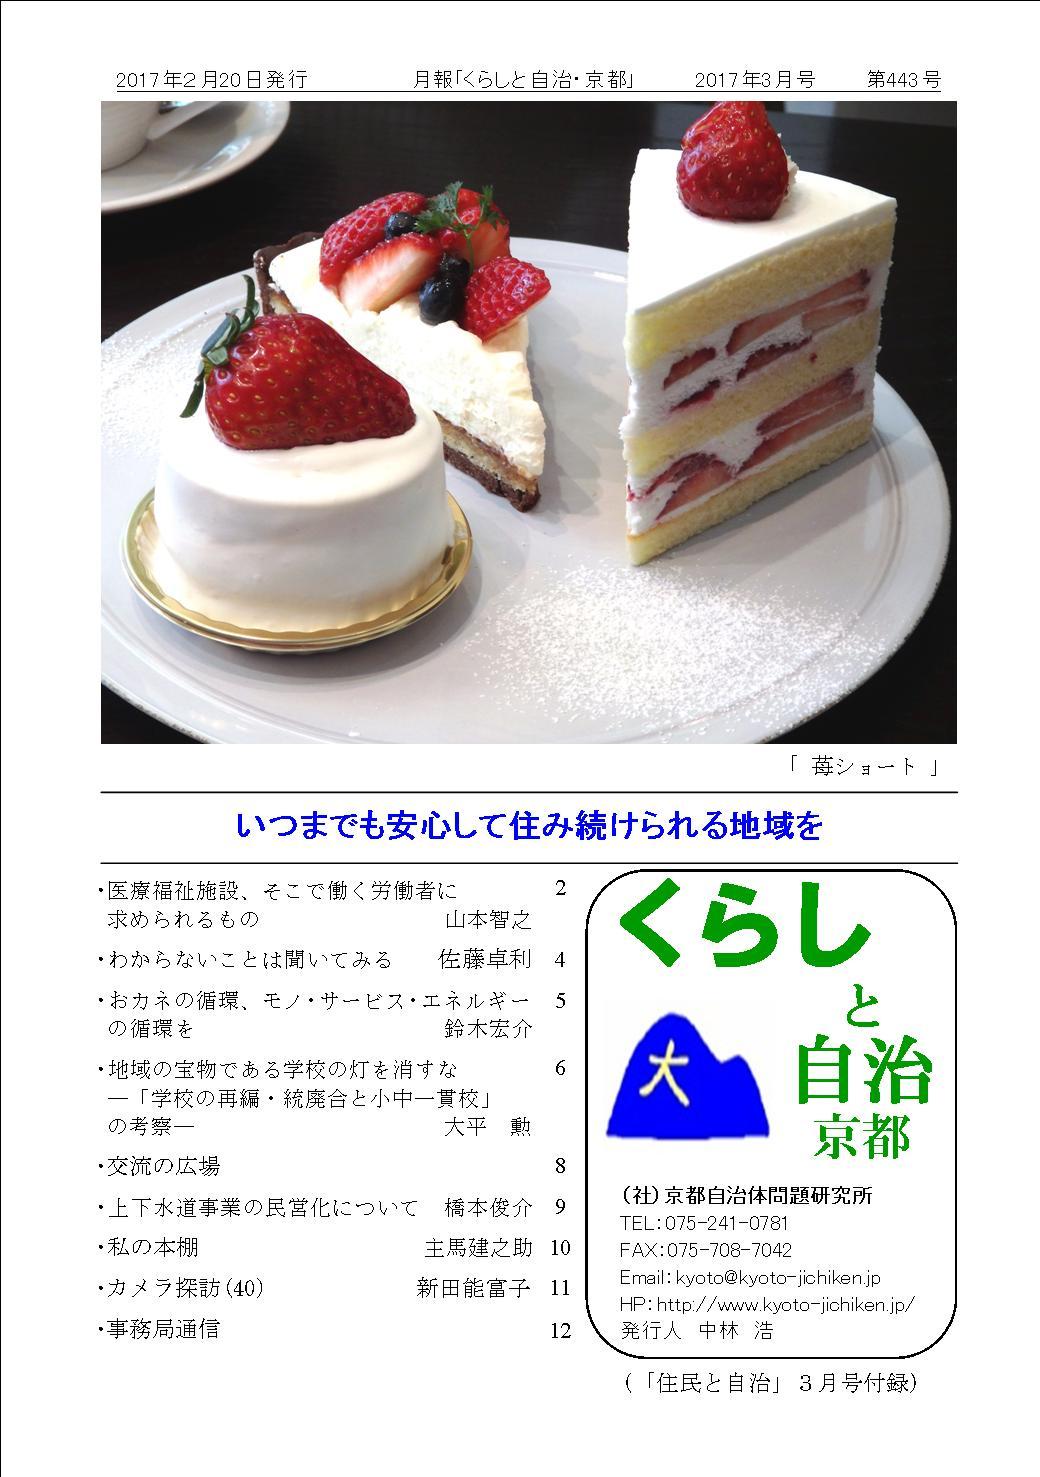 月報「くらしと自治・京都」2015年03月号 第443号